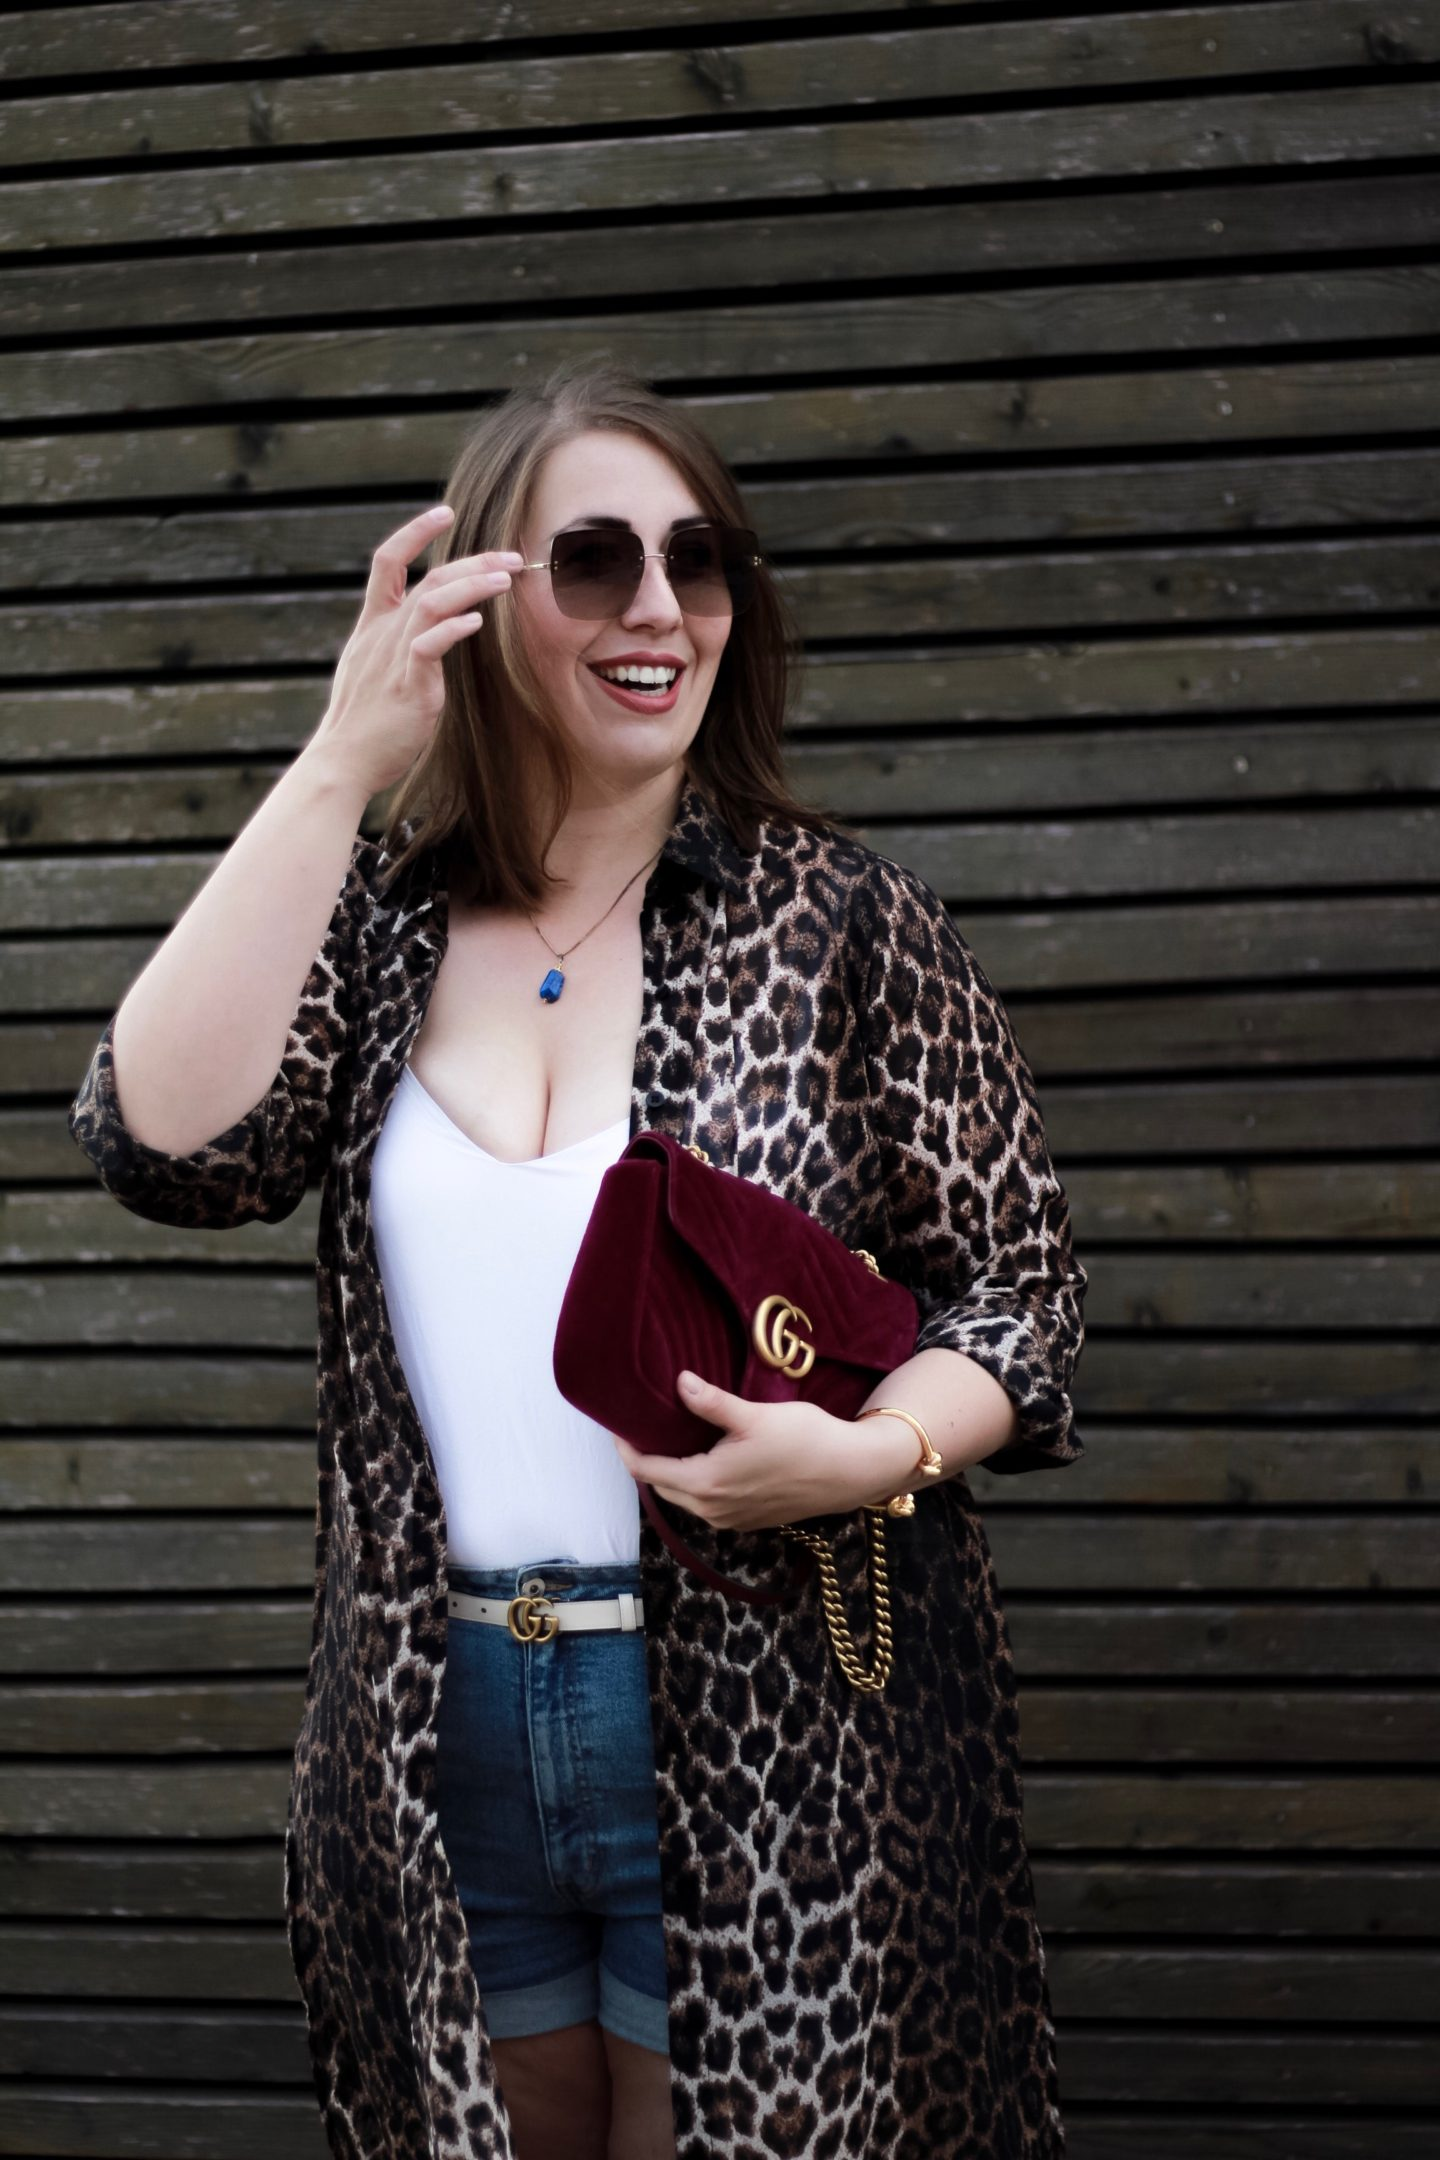 Miss-Suzie-Loves-Leopard-Kimono-Jeans-Shorts-Gucci-Velvet-Marmont-Plussize-Blogger-Susanne-Heidebach-Fashionblogger-Bodypositivity-Leopard-Print-Adidas-Adiletten